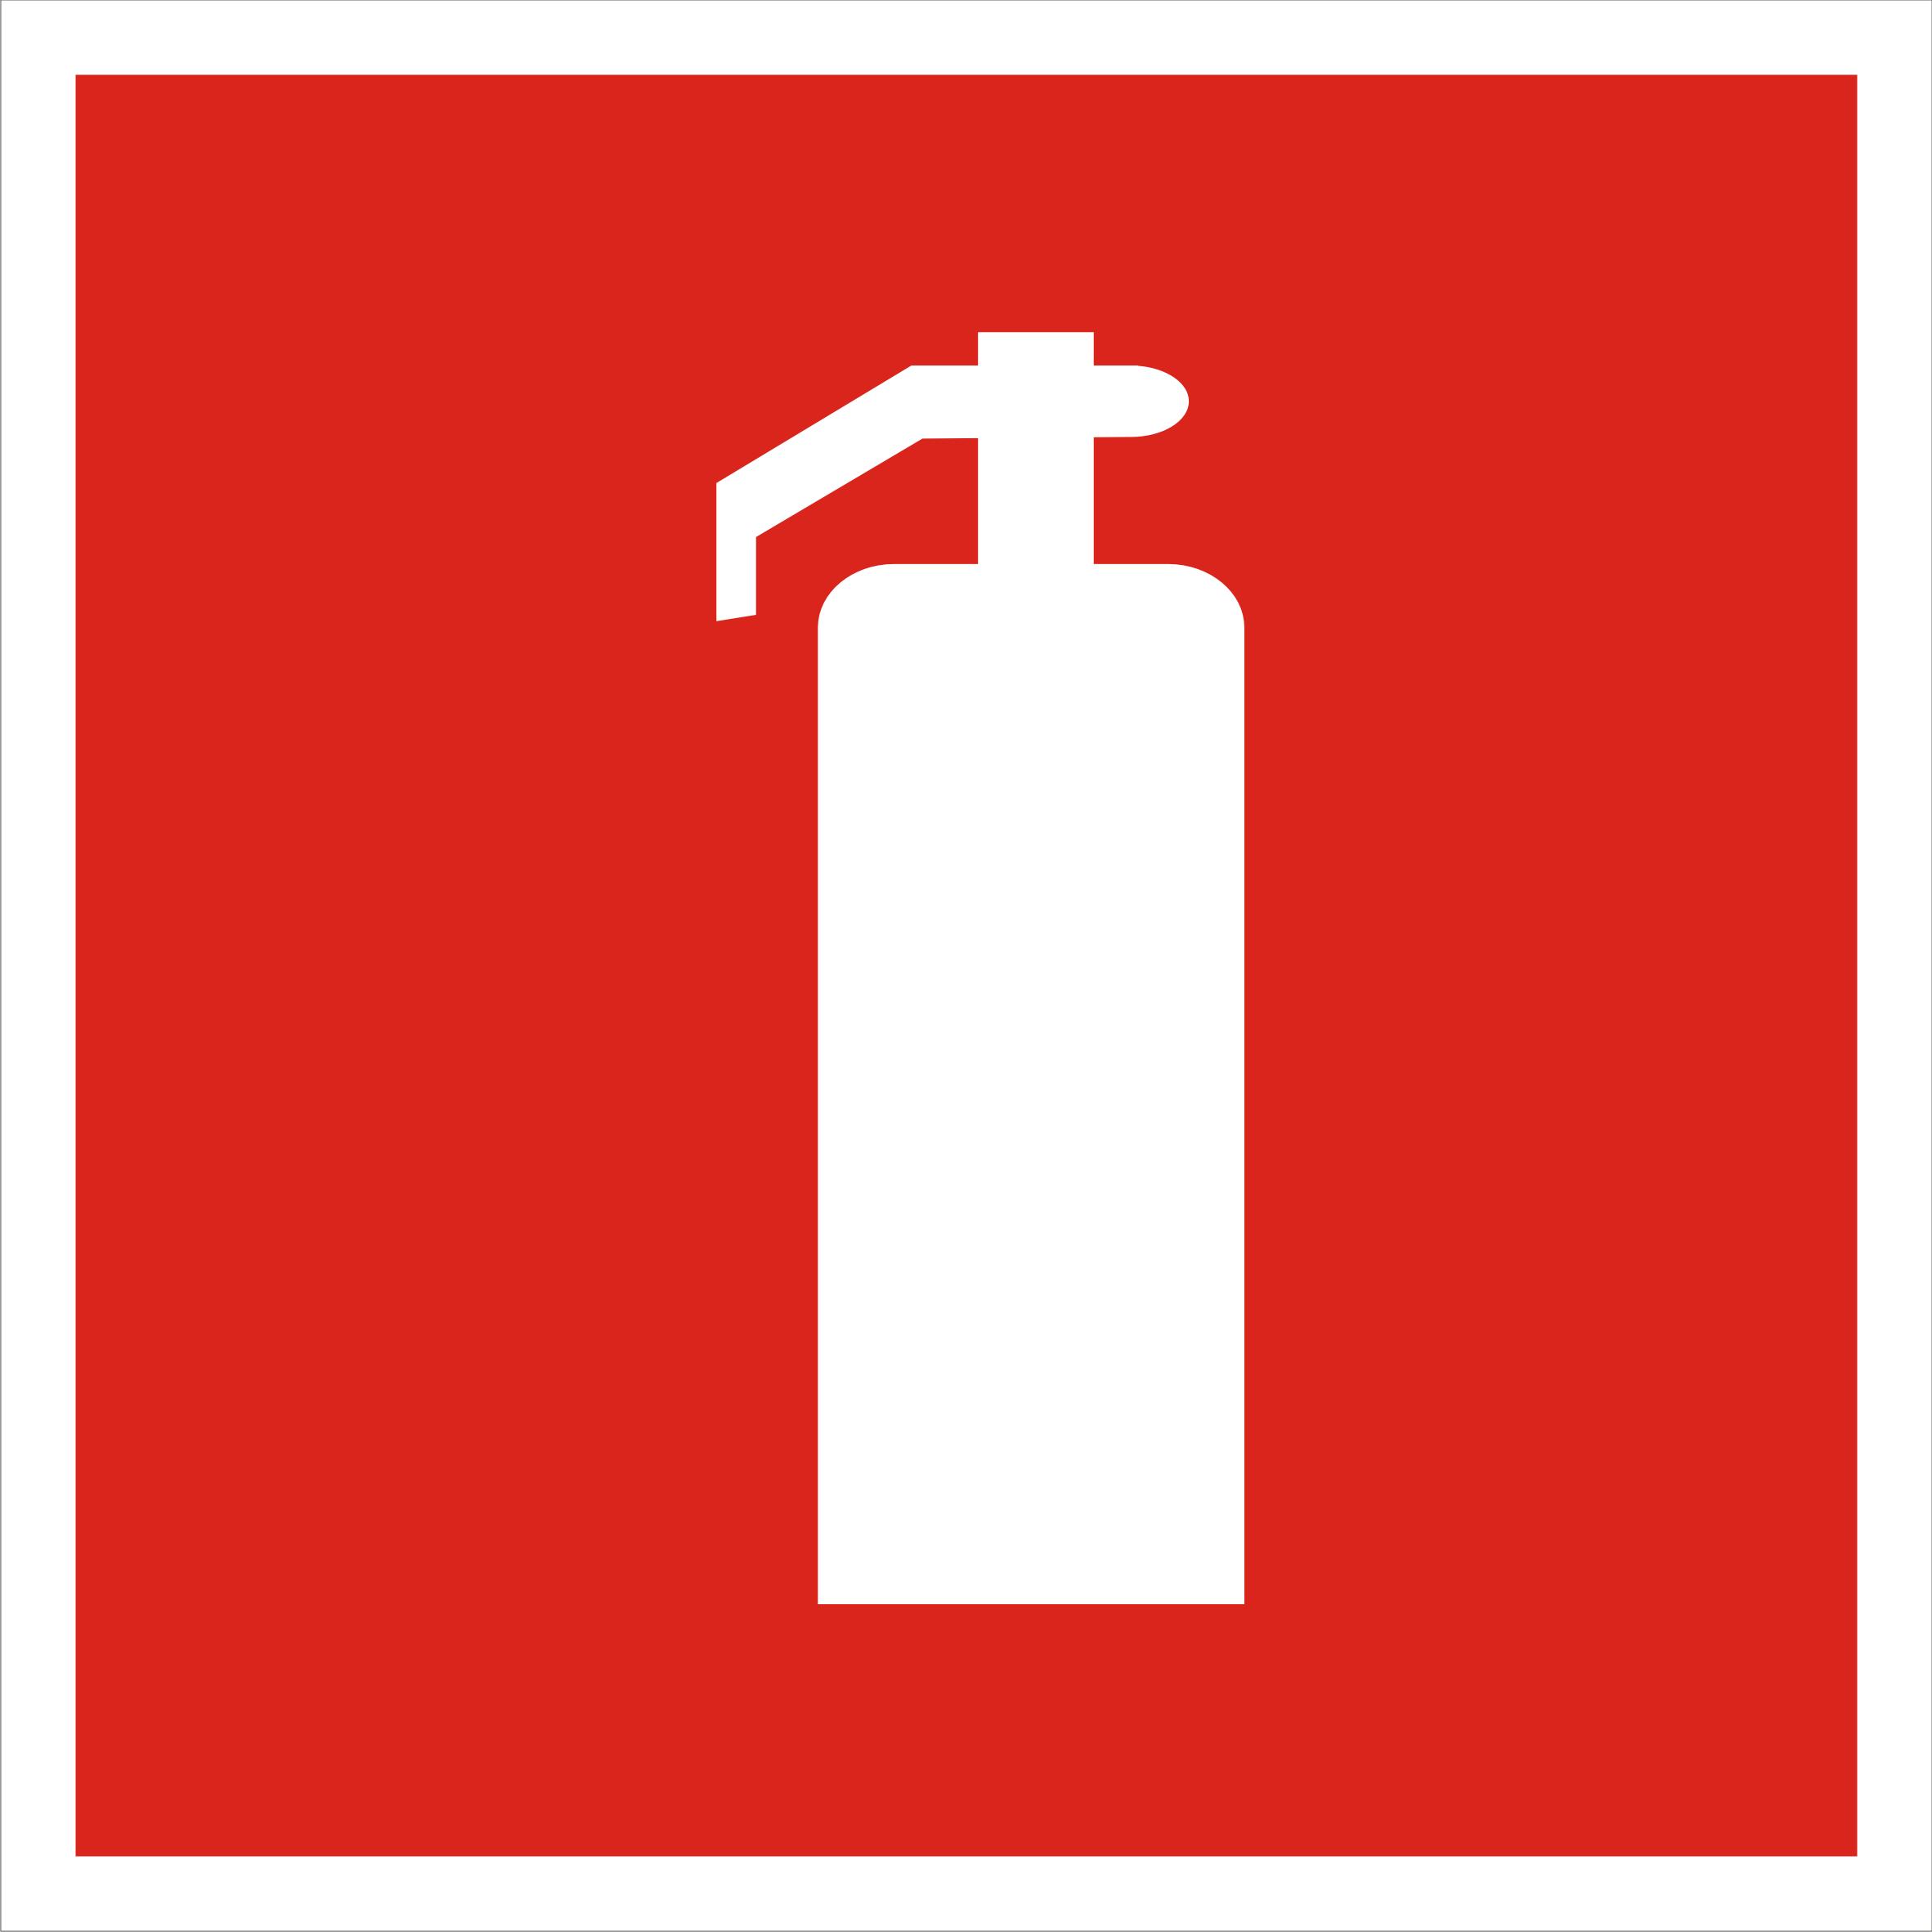 Огнетушитель знак